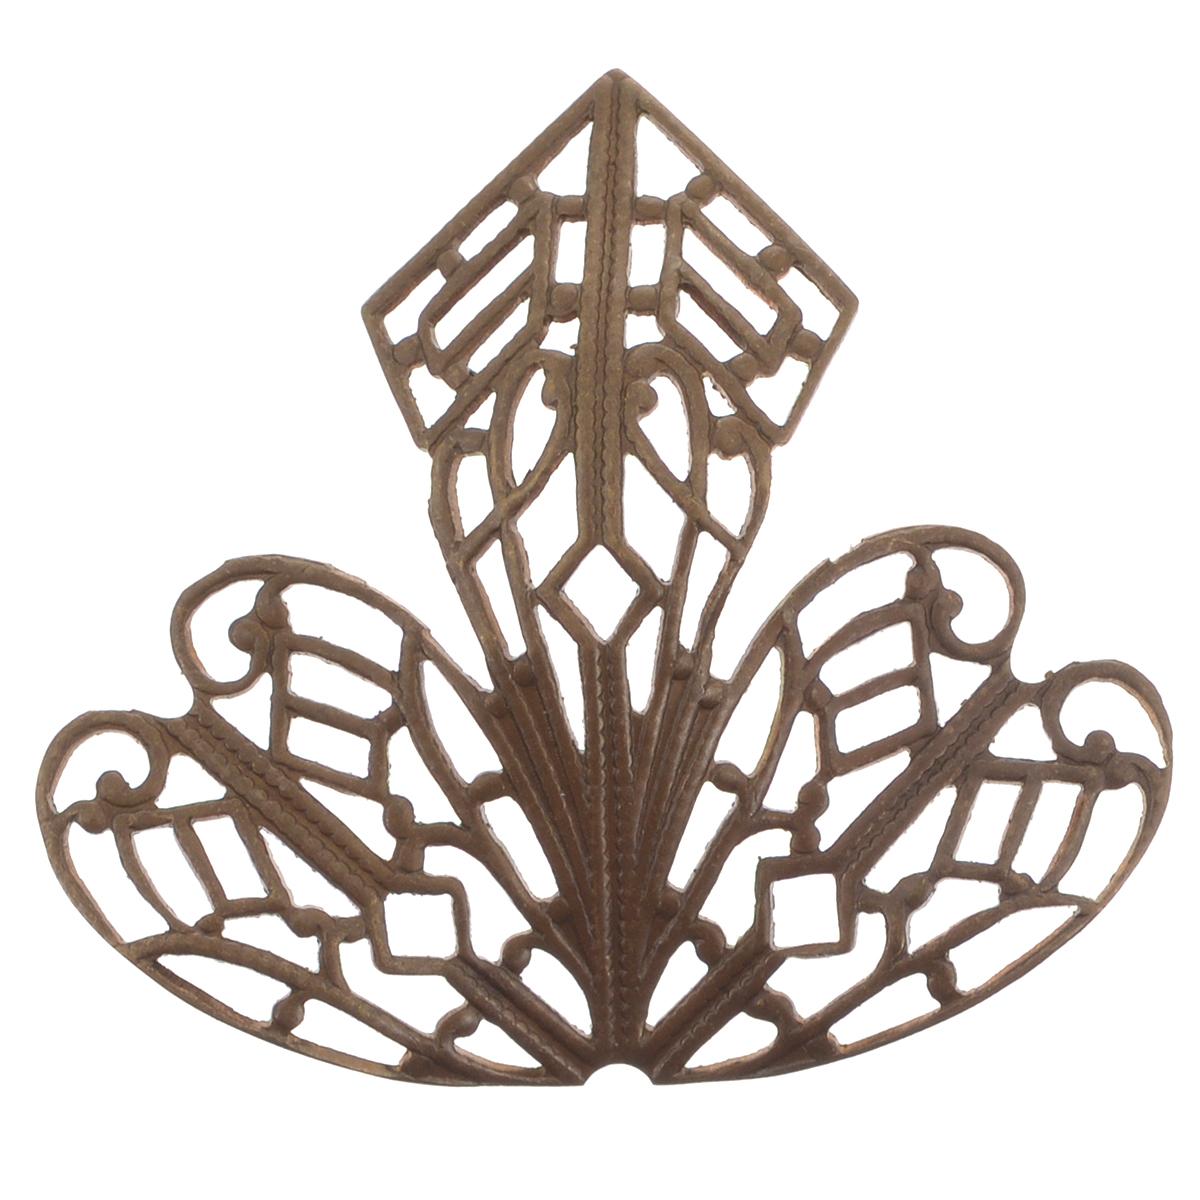 Декоративный элемент Vintaj Орхидея, 38 мм х 35 ммF300RRДекоративный элемент Vintaj Орхидея выполнен из металла в технике филигрань. Изделие позволит вам своими руками создать оригинальные ювелирные украшения (серьги, броши и другое). Филигрань - ювелирная техника, разновидность художественно - прикладного искусства, использующая ажурный или напаянный на металлический фон узор из проволоки. Радуйте себя и своих близких украшениями, сделанными своими руками! Размер: 38 мм х 35 мм.